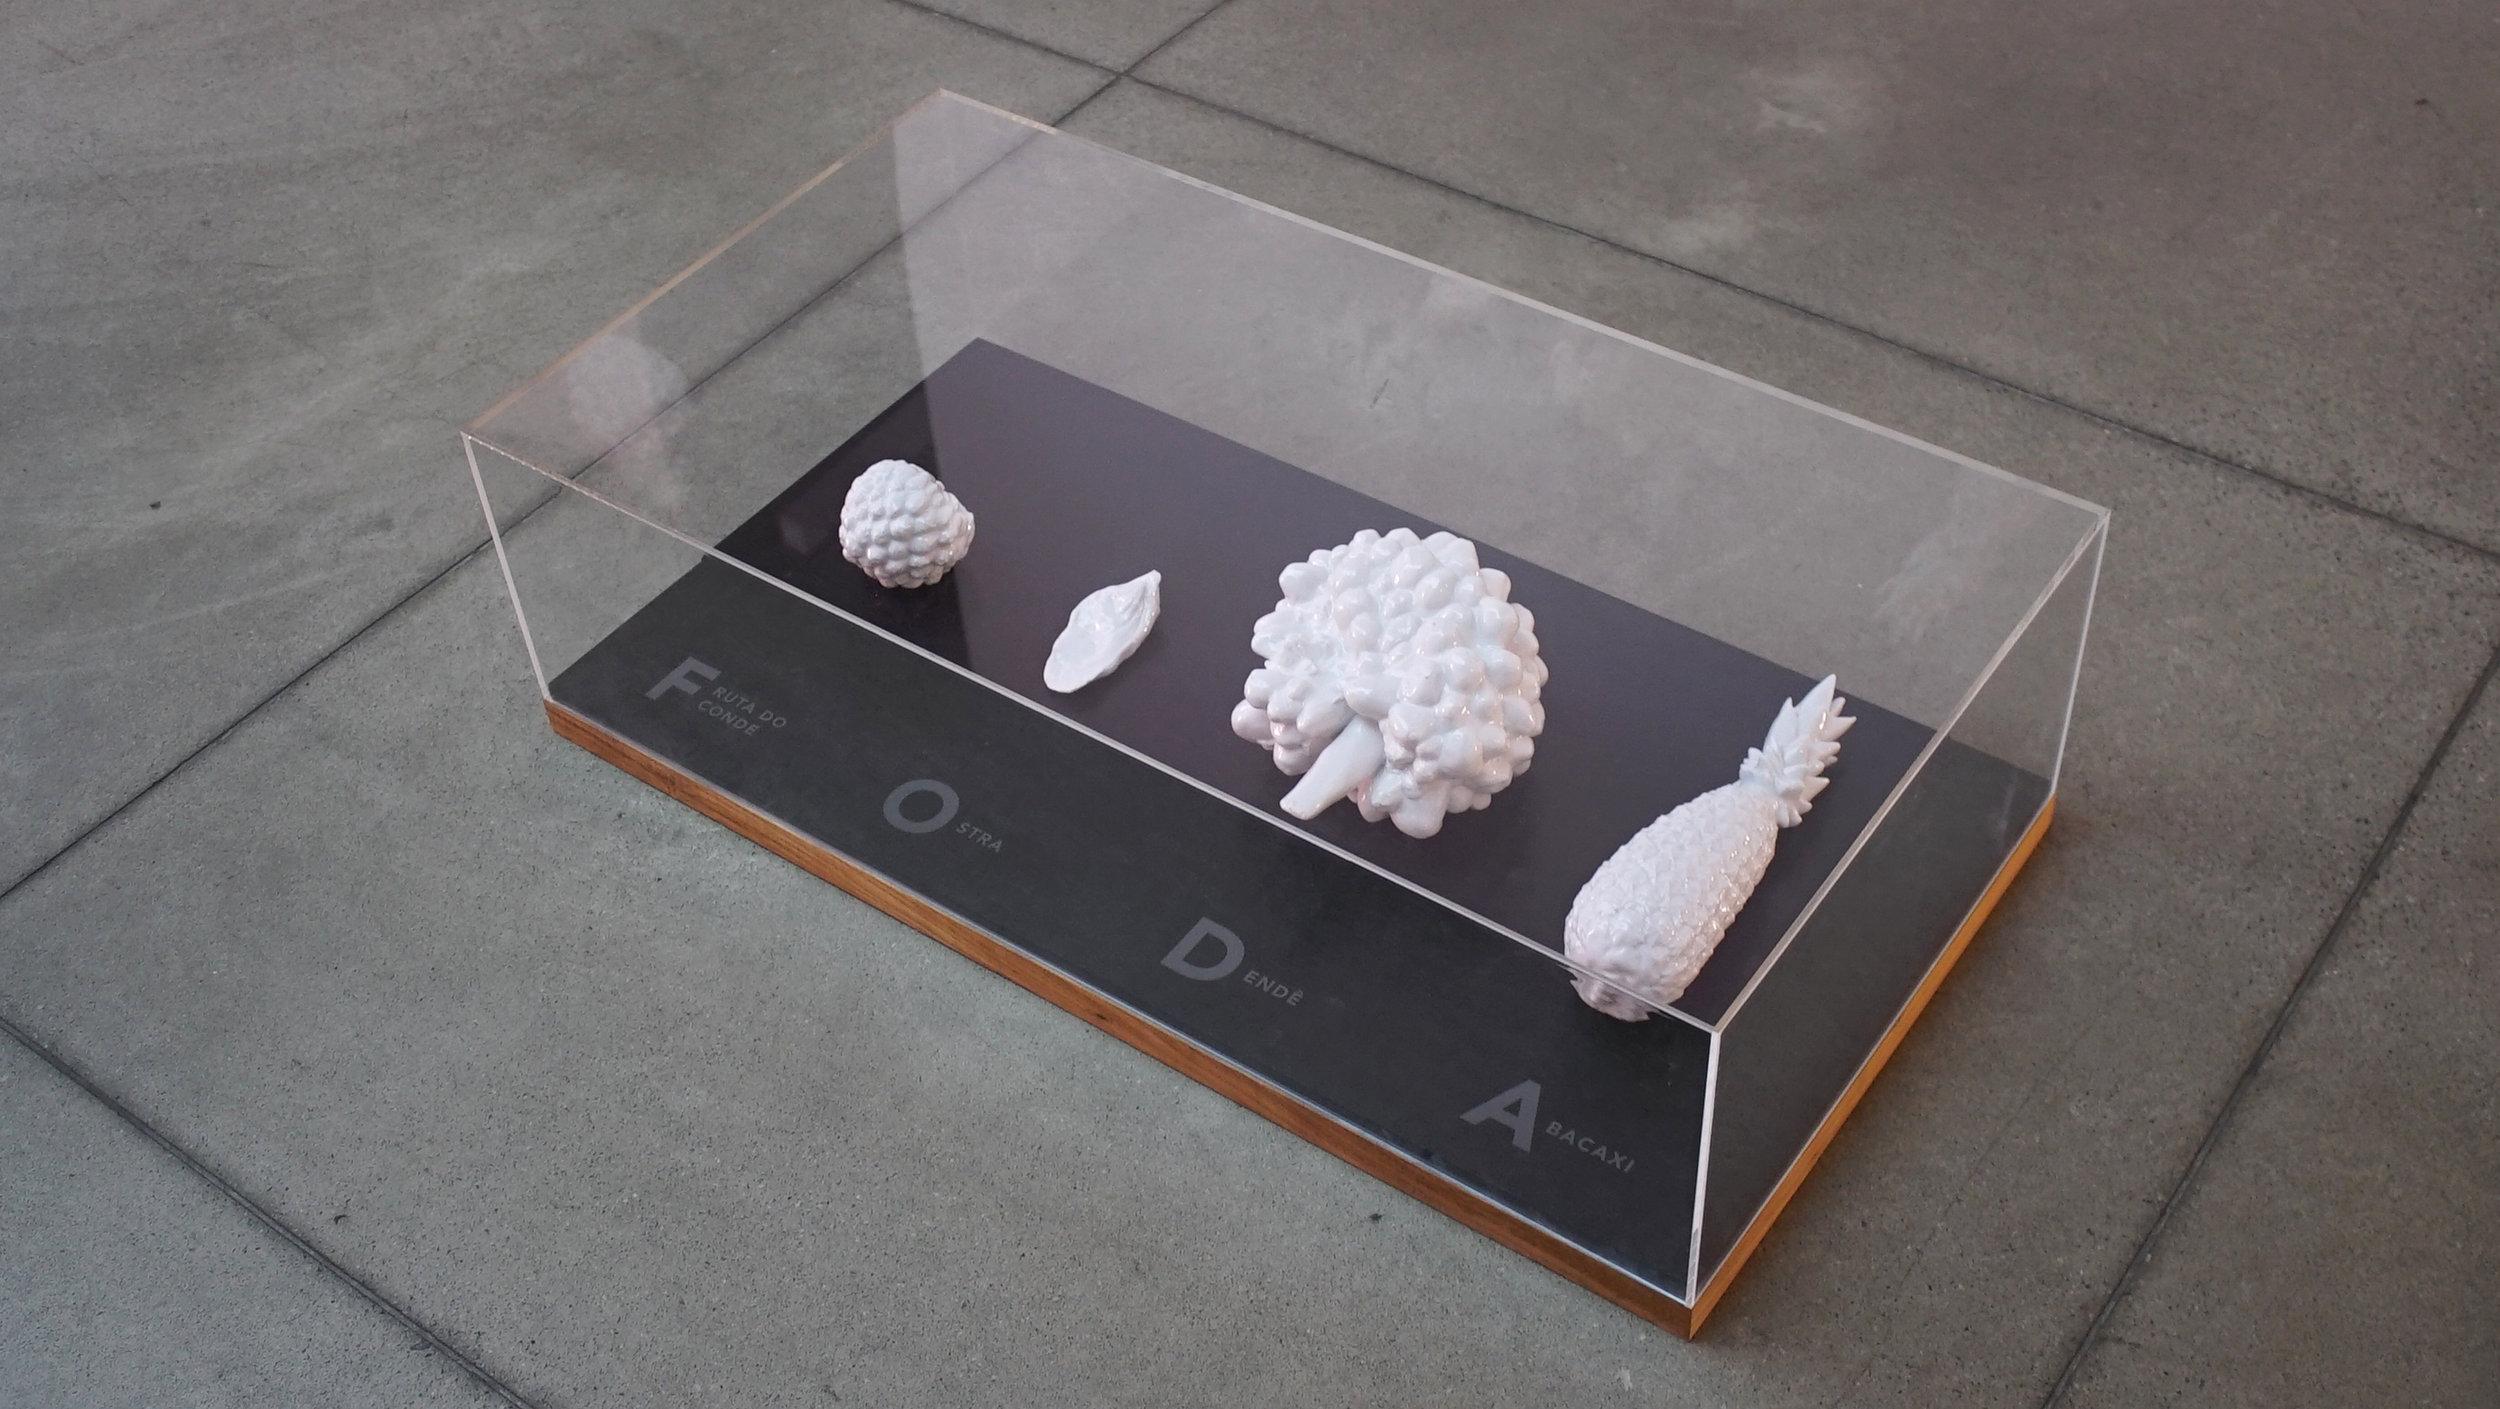 Suporte de madeira com tampo em acrílico cristal  Medida total com tampo de acrílico 26x90x46cm (alt. x comp. x prof.)